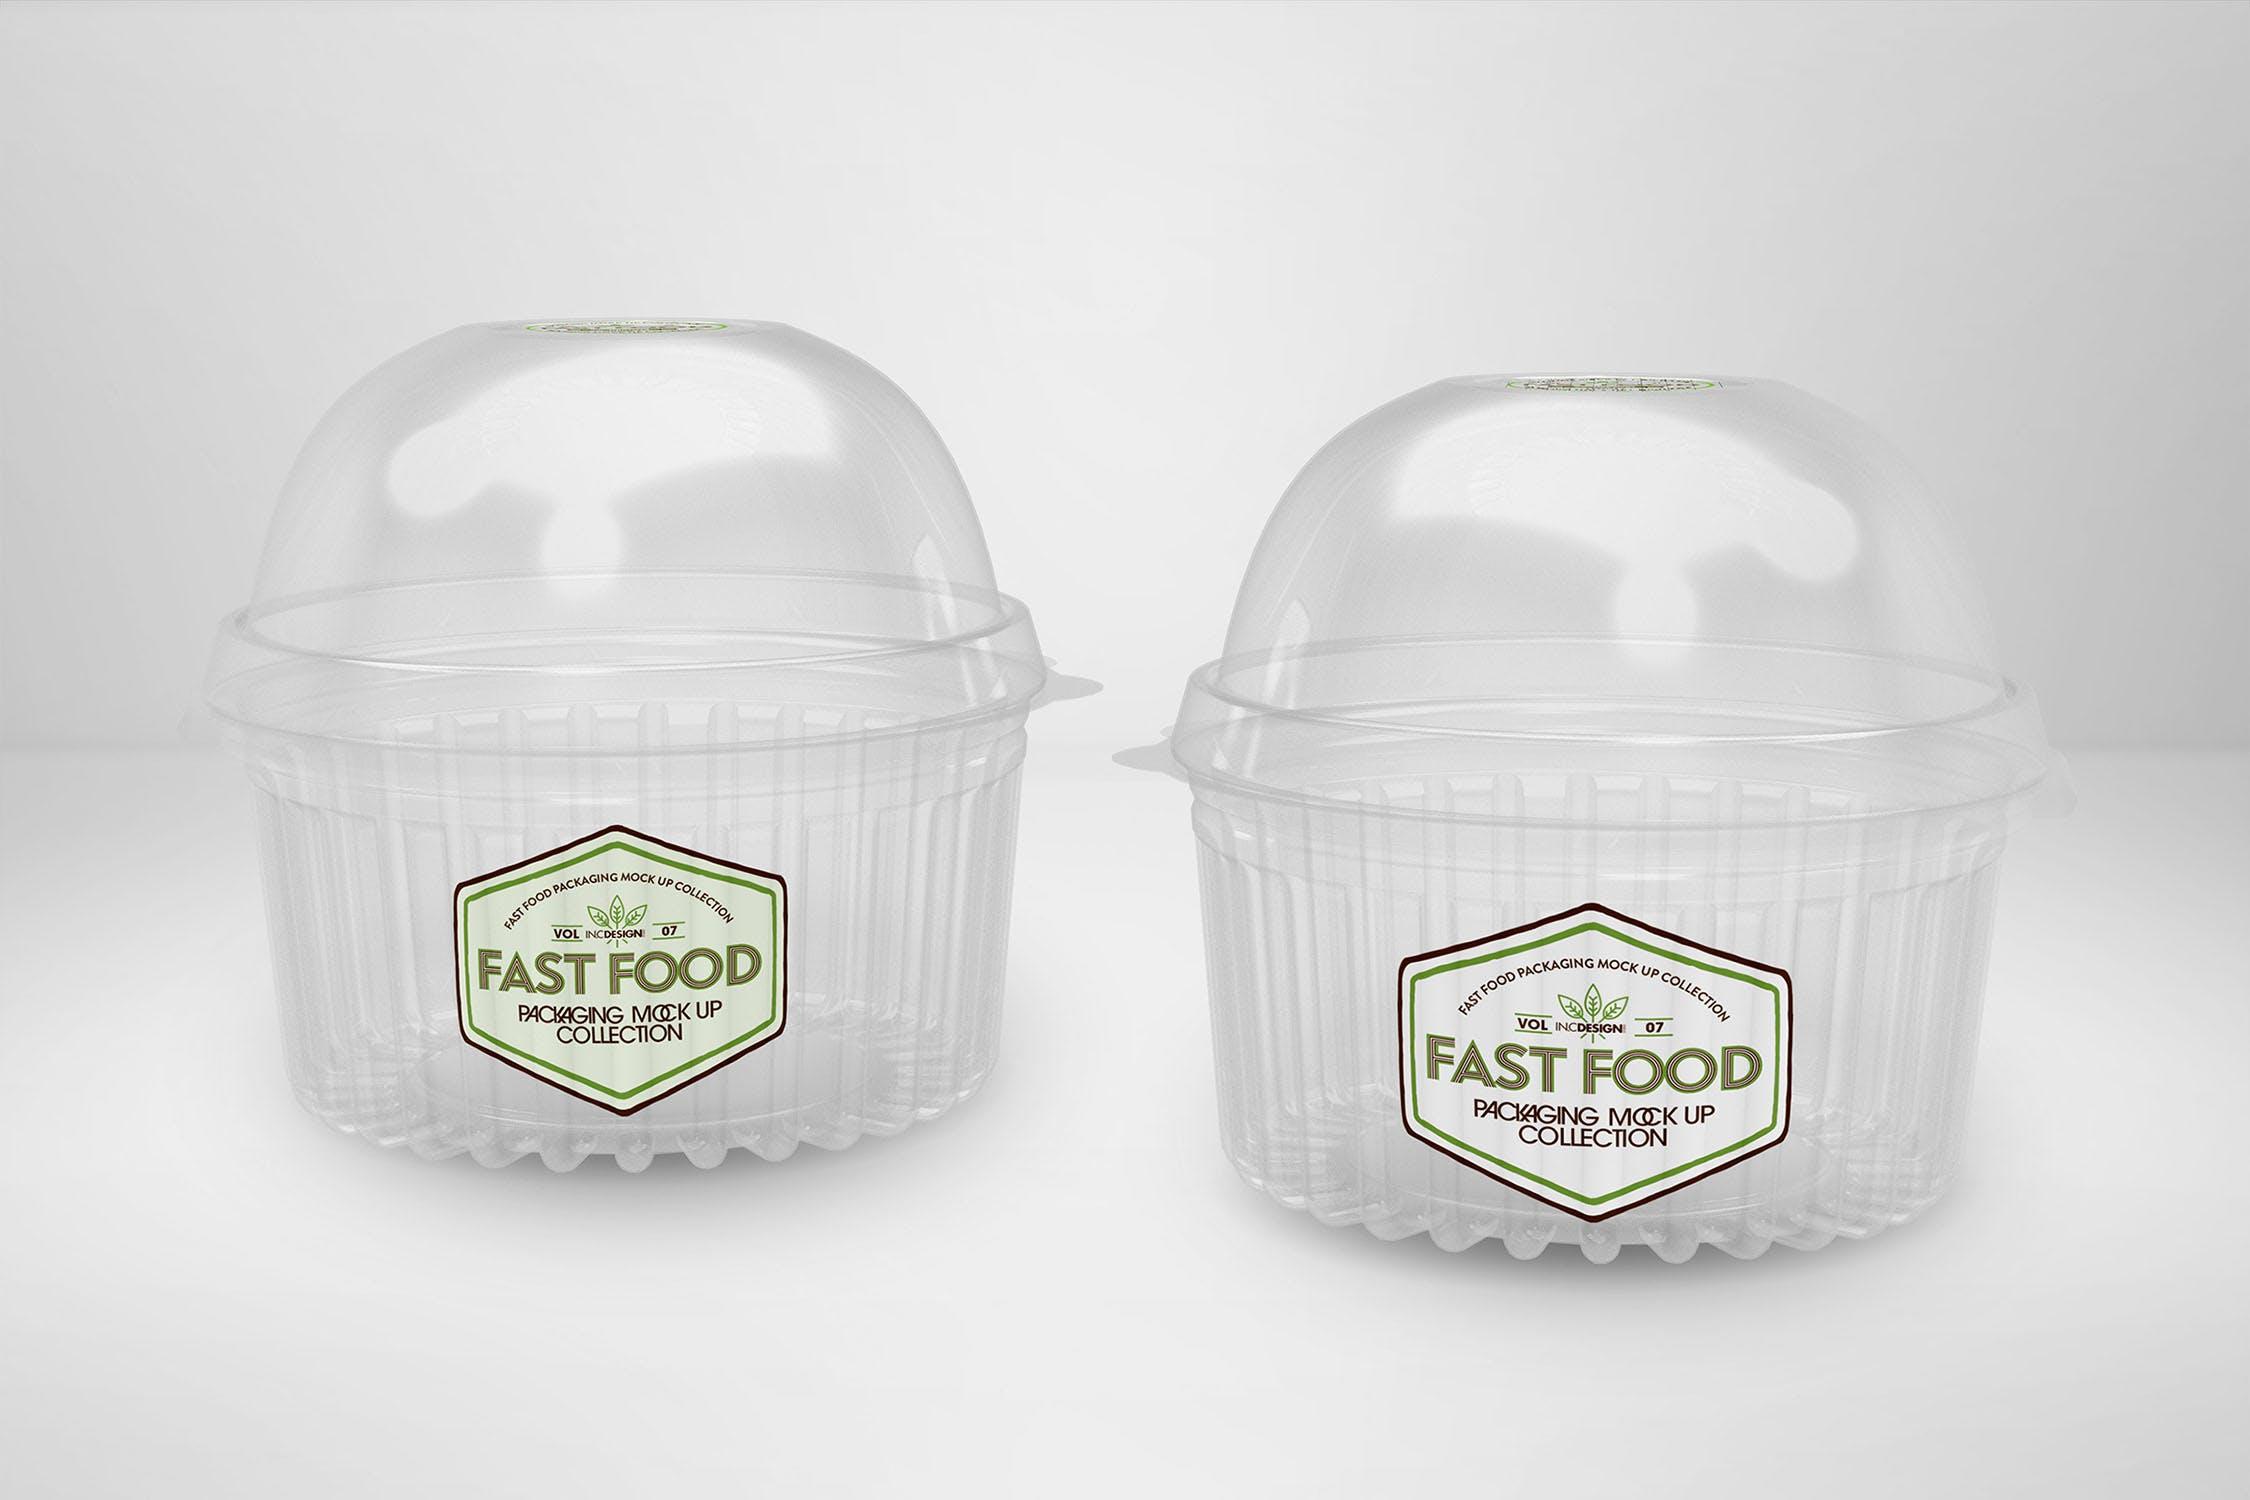 多品类快餐盒  甜点模板样机素材展示Fast Food Boxes Vol 7 Take Out Packaging Mockups插图(1)